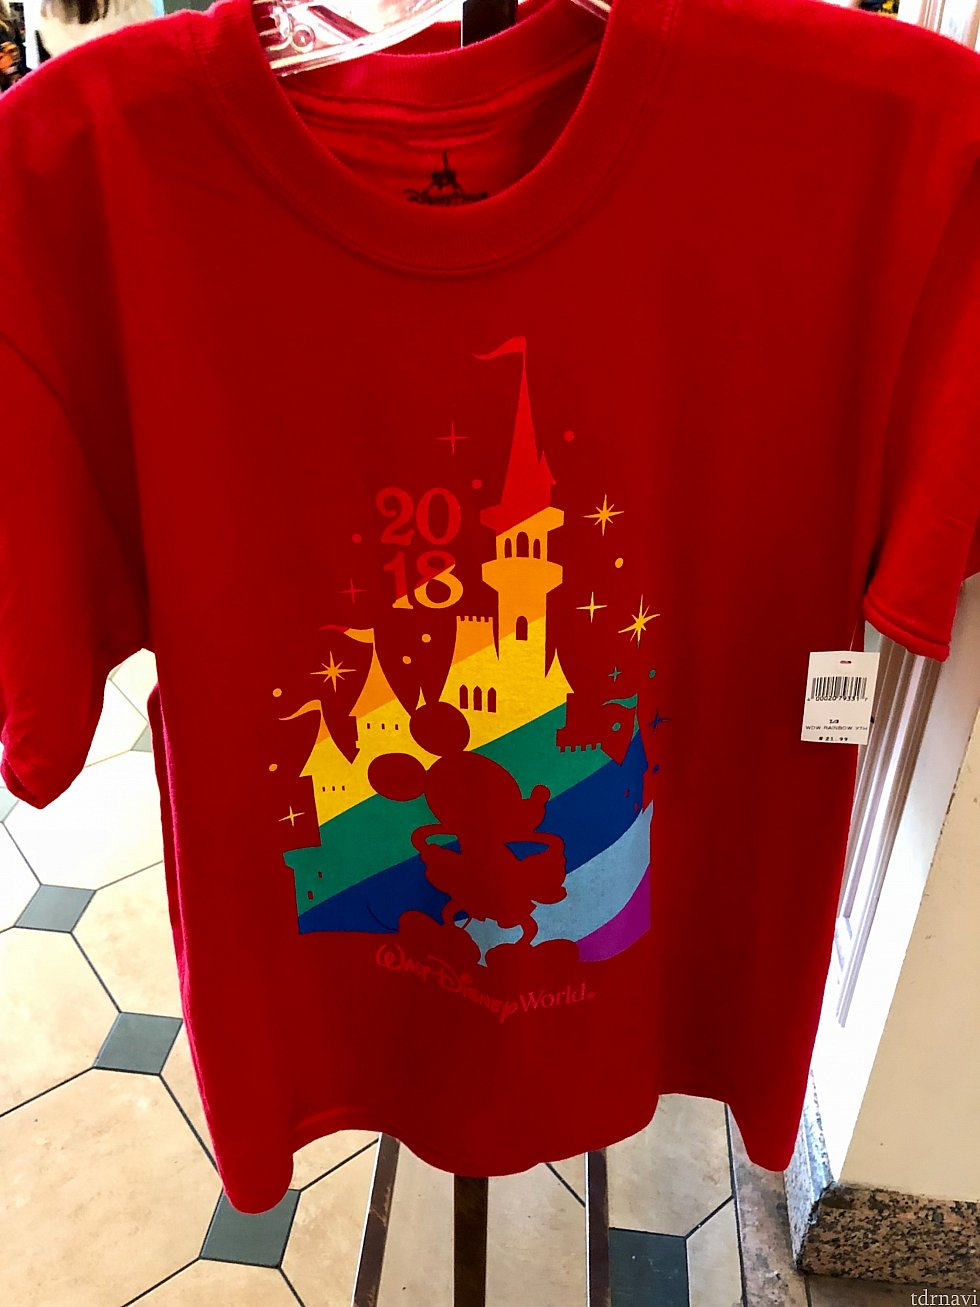 キャッスル、ミッキー、レインボー、赤い生地、2018のロゴ。正にこのイベント用に作られたTシャツですね。僕の見た午後には子供用しか残っていませんでした。パークで着ている方は多かったです。$21.99